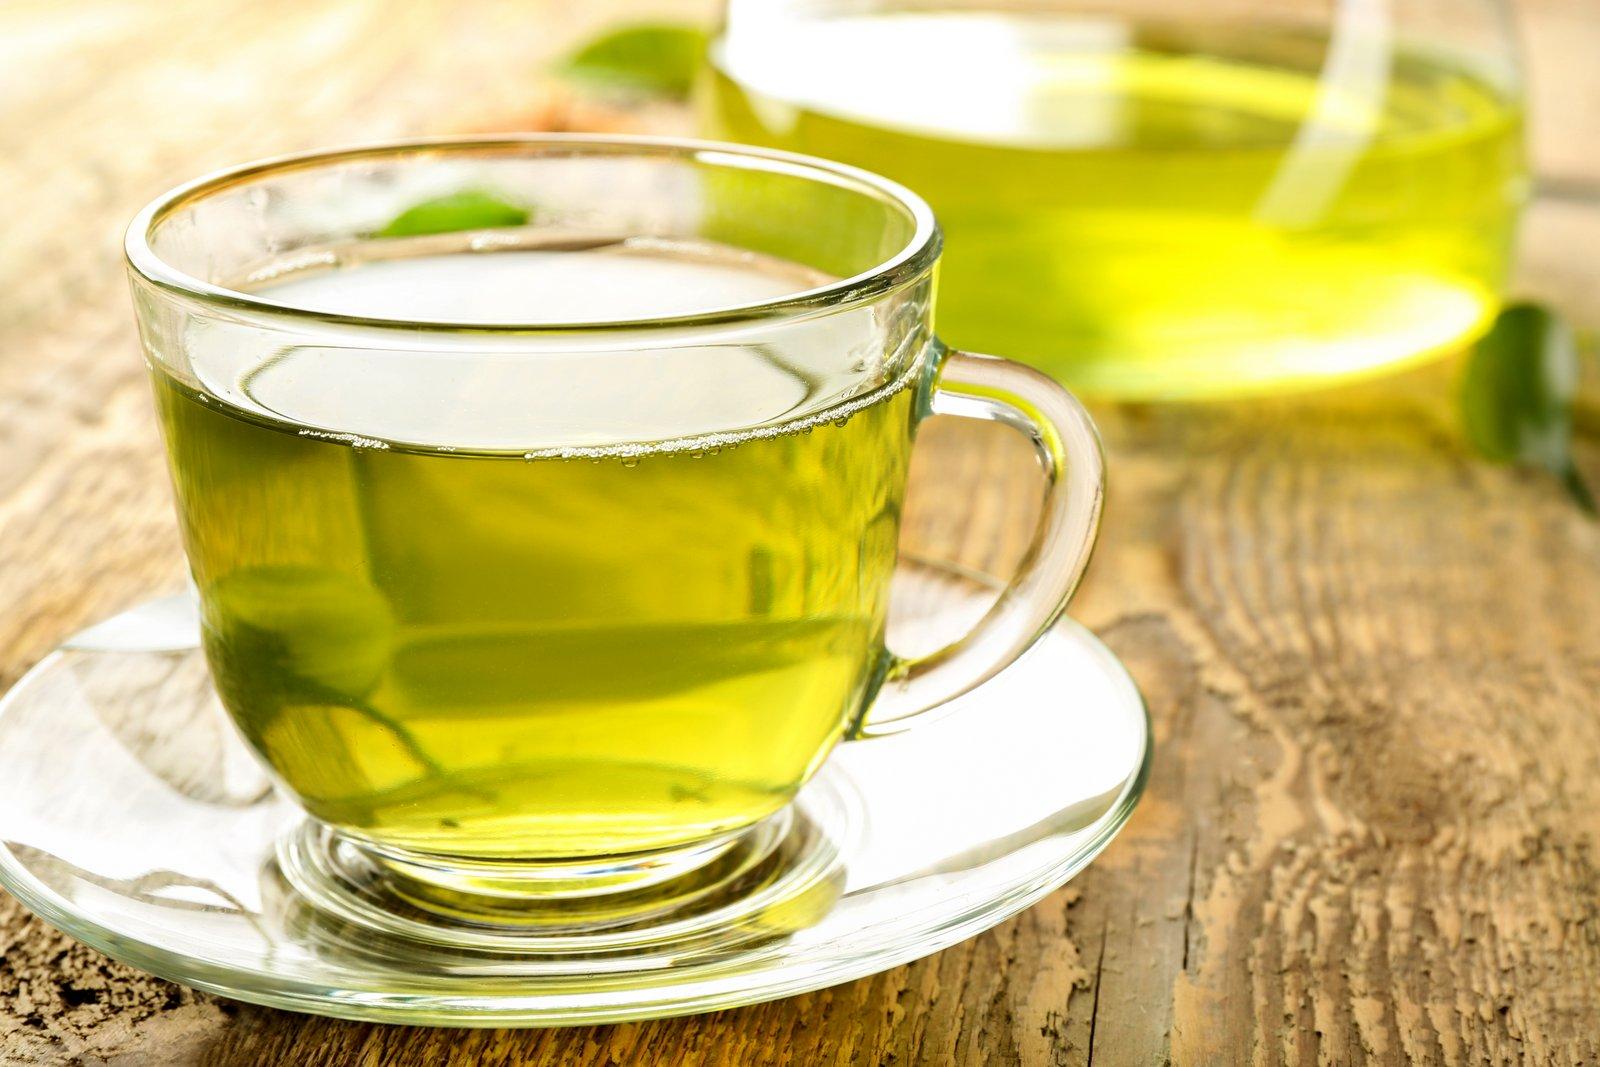 أخطاء نقع فيها عند تناول الشاي الأخضر